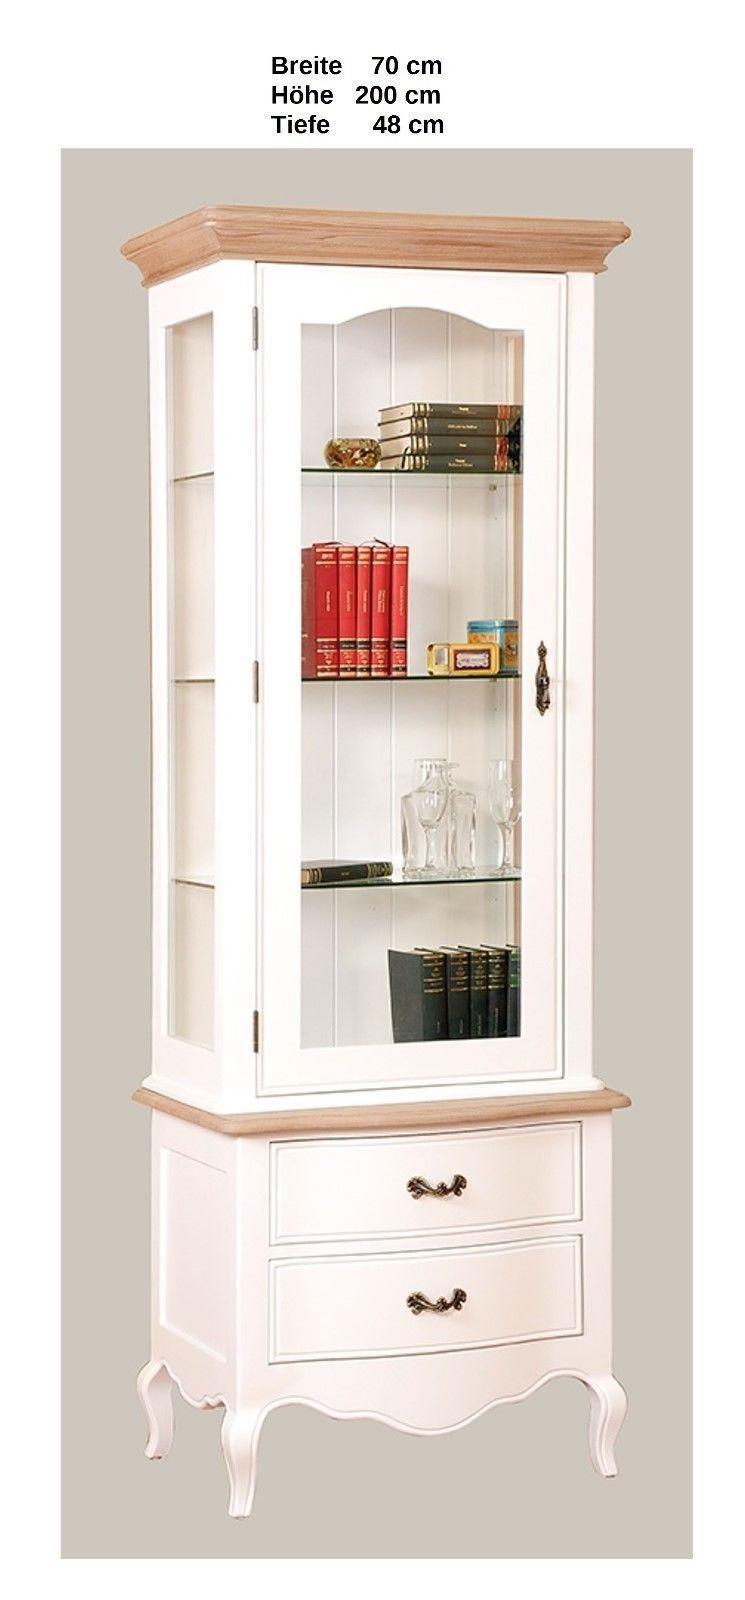 aktiv vitrine paris dm 94 1 designer fichte massiv wei lack vintage landhaus. Black Bedroom Furniture Sets. Home Design Ideas